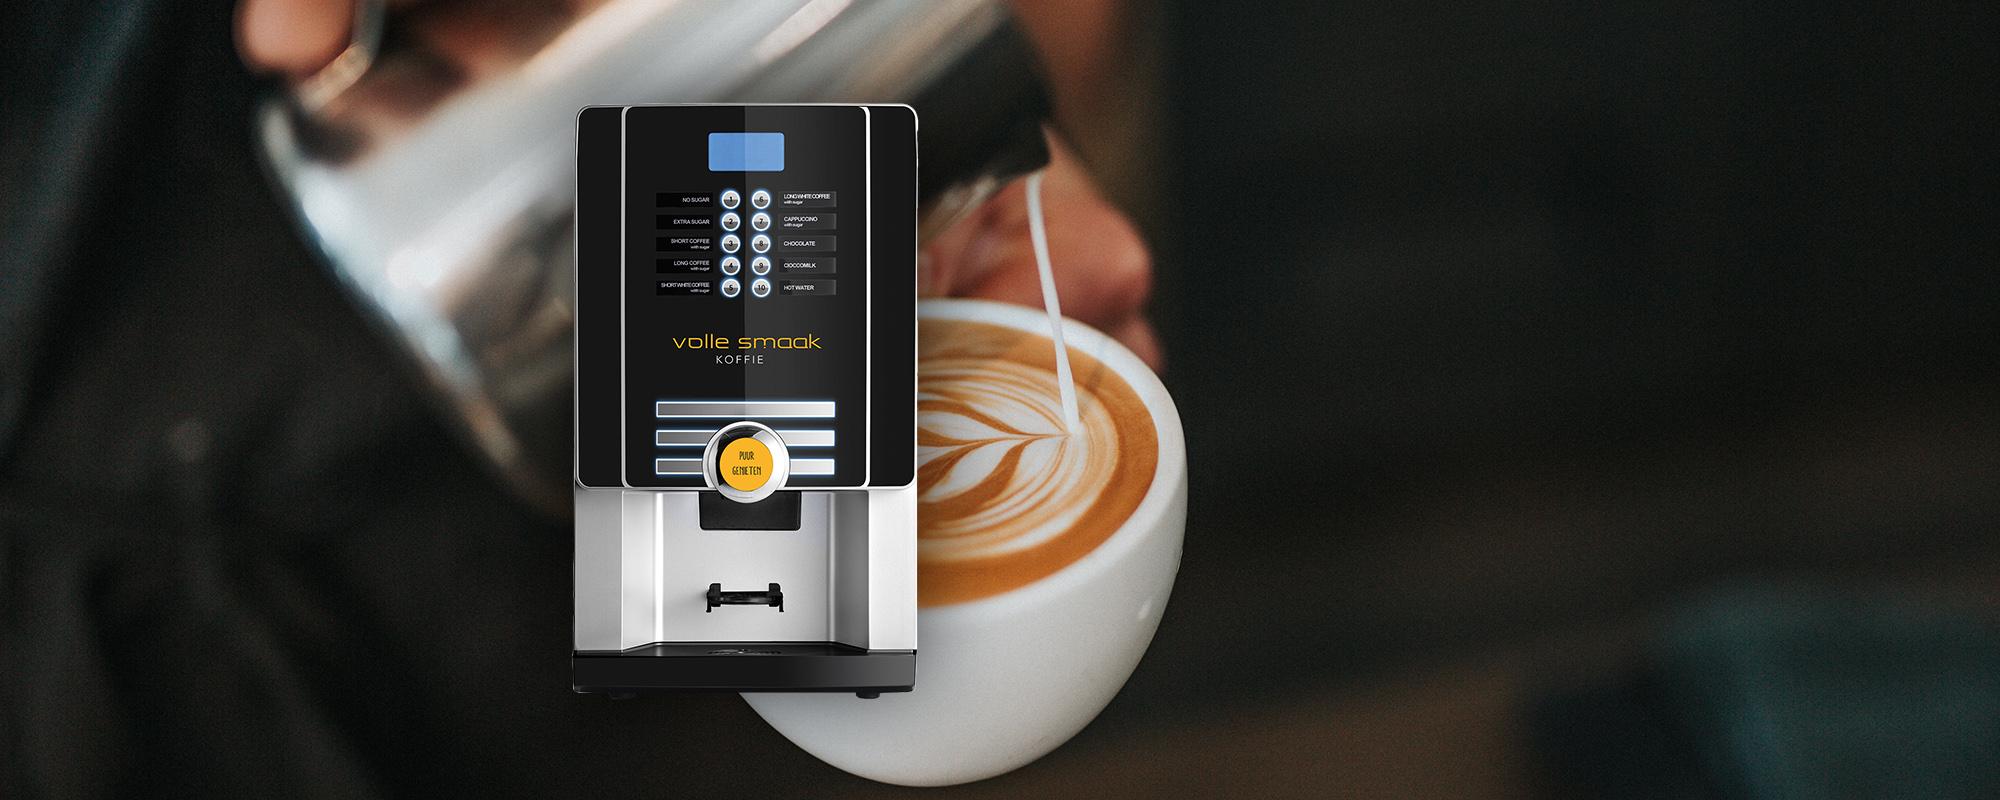 koffie-header